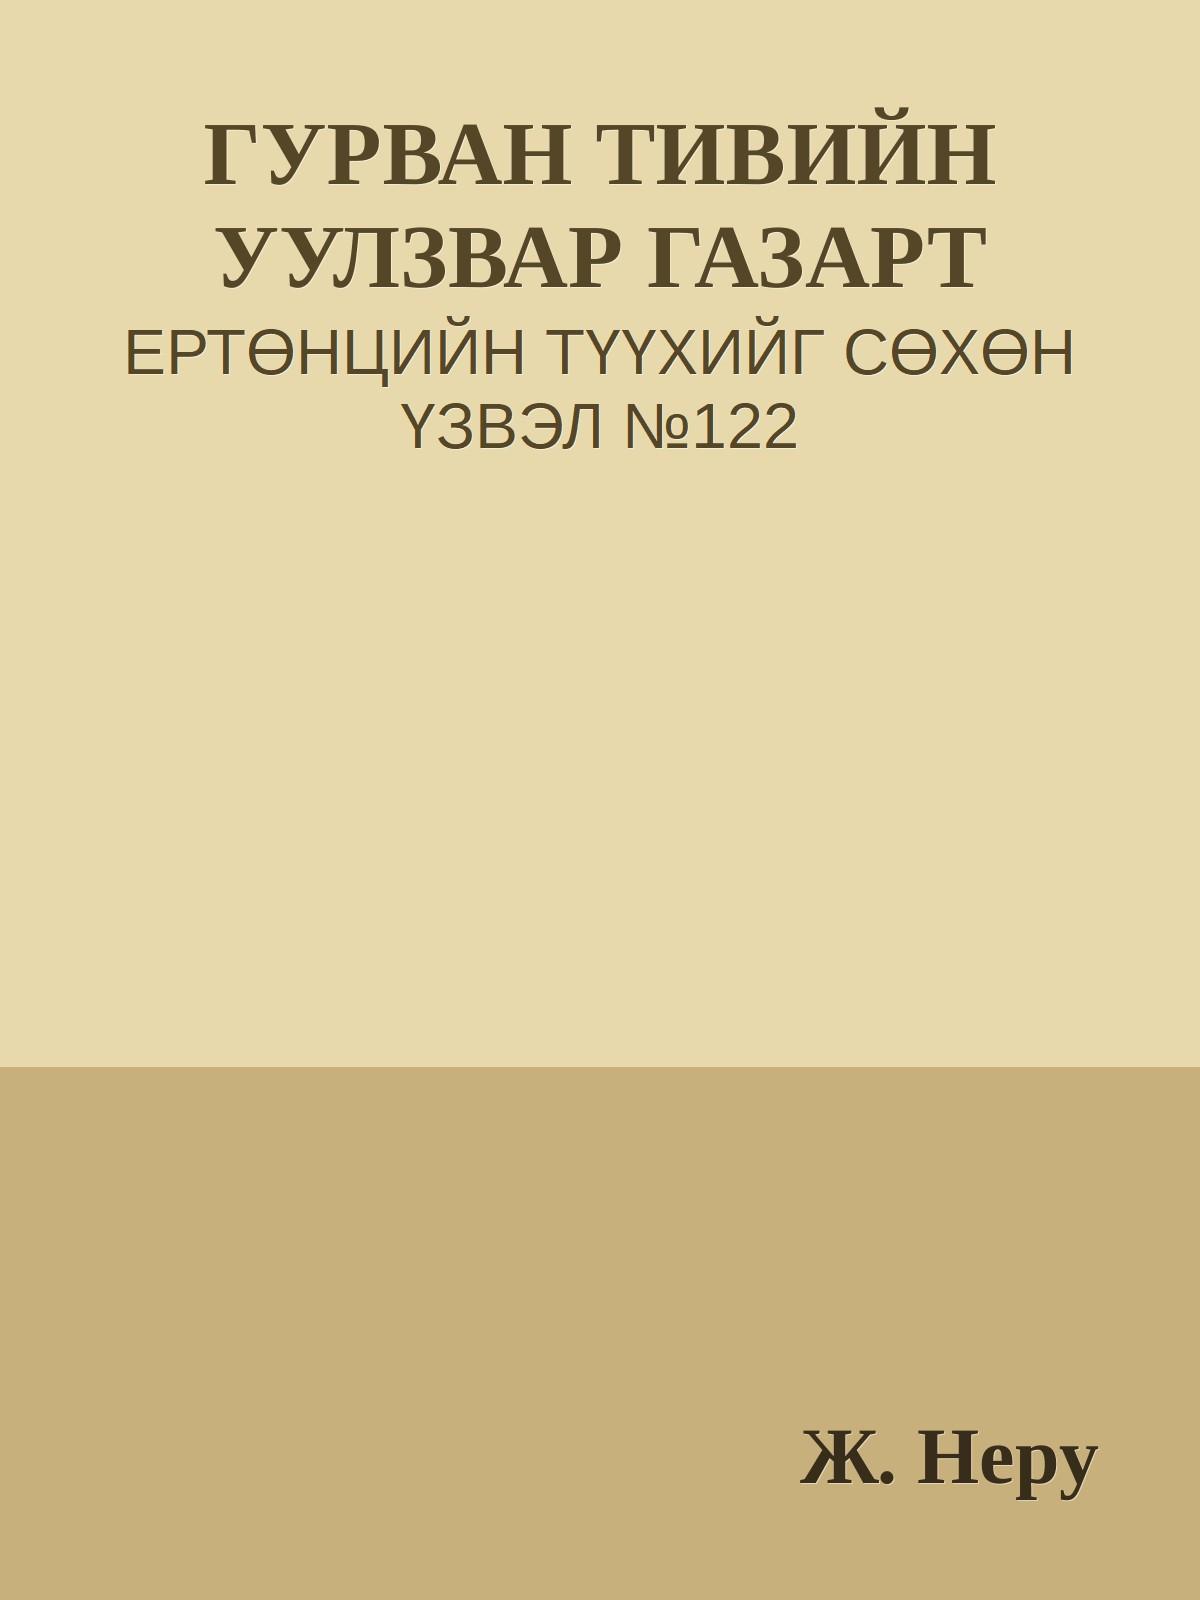 ГУРВАН ТИВИЙН УУЛЗВАР ГАЗАРТ